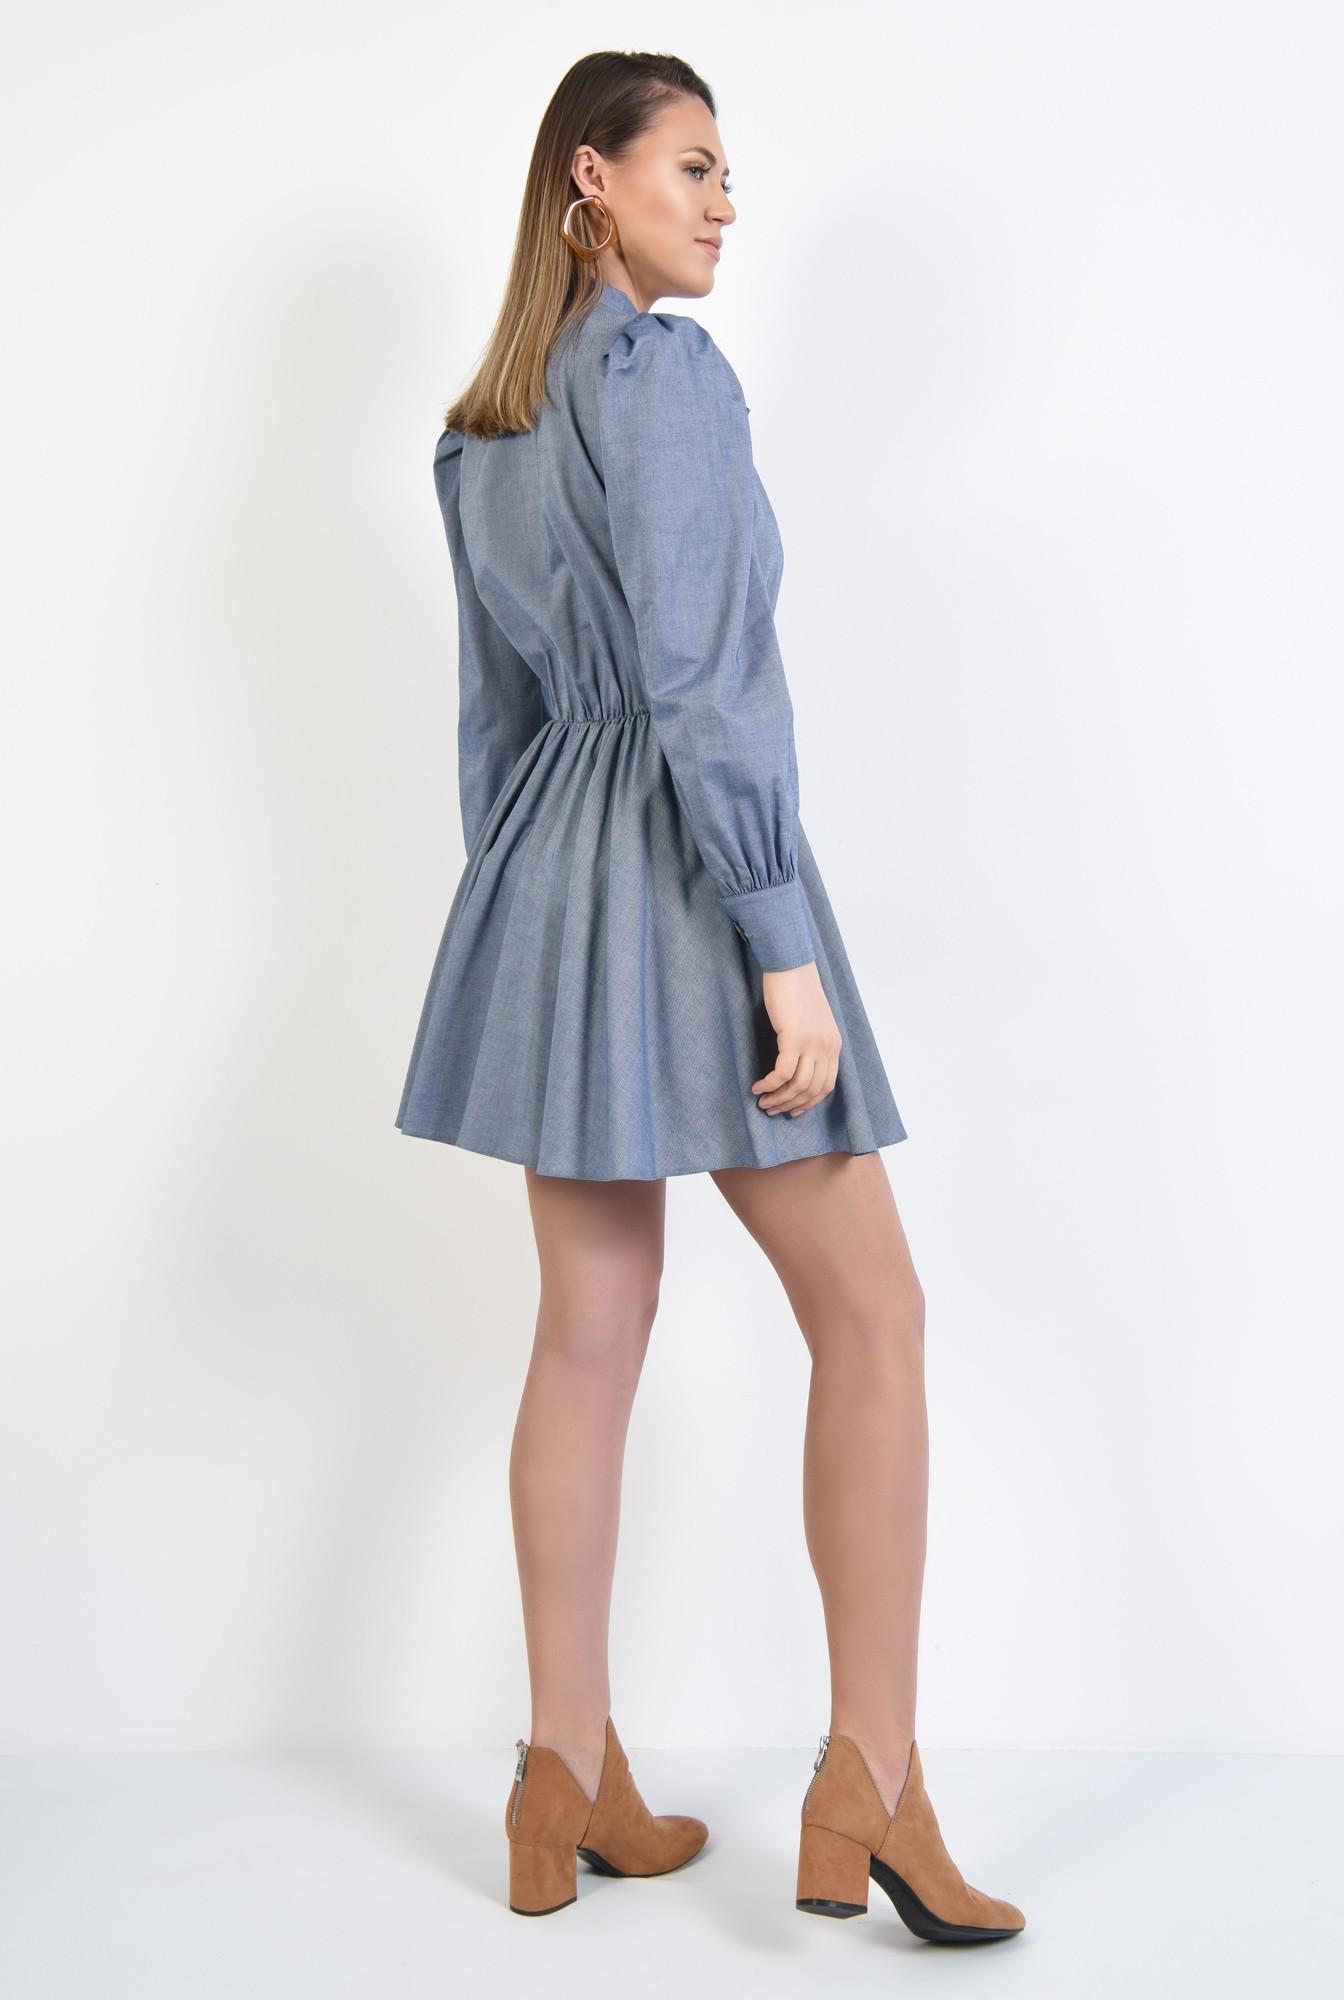 1 - rochie casual, bleu, scurta, evazata, funda cu la gat